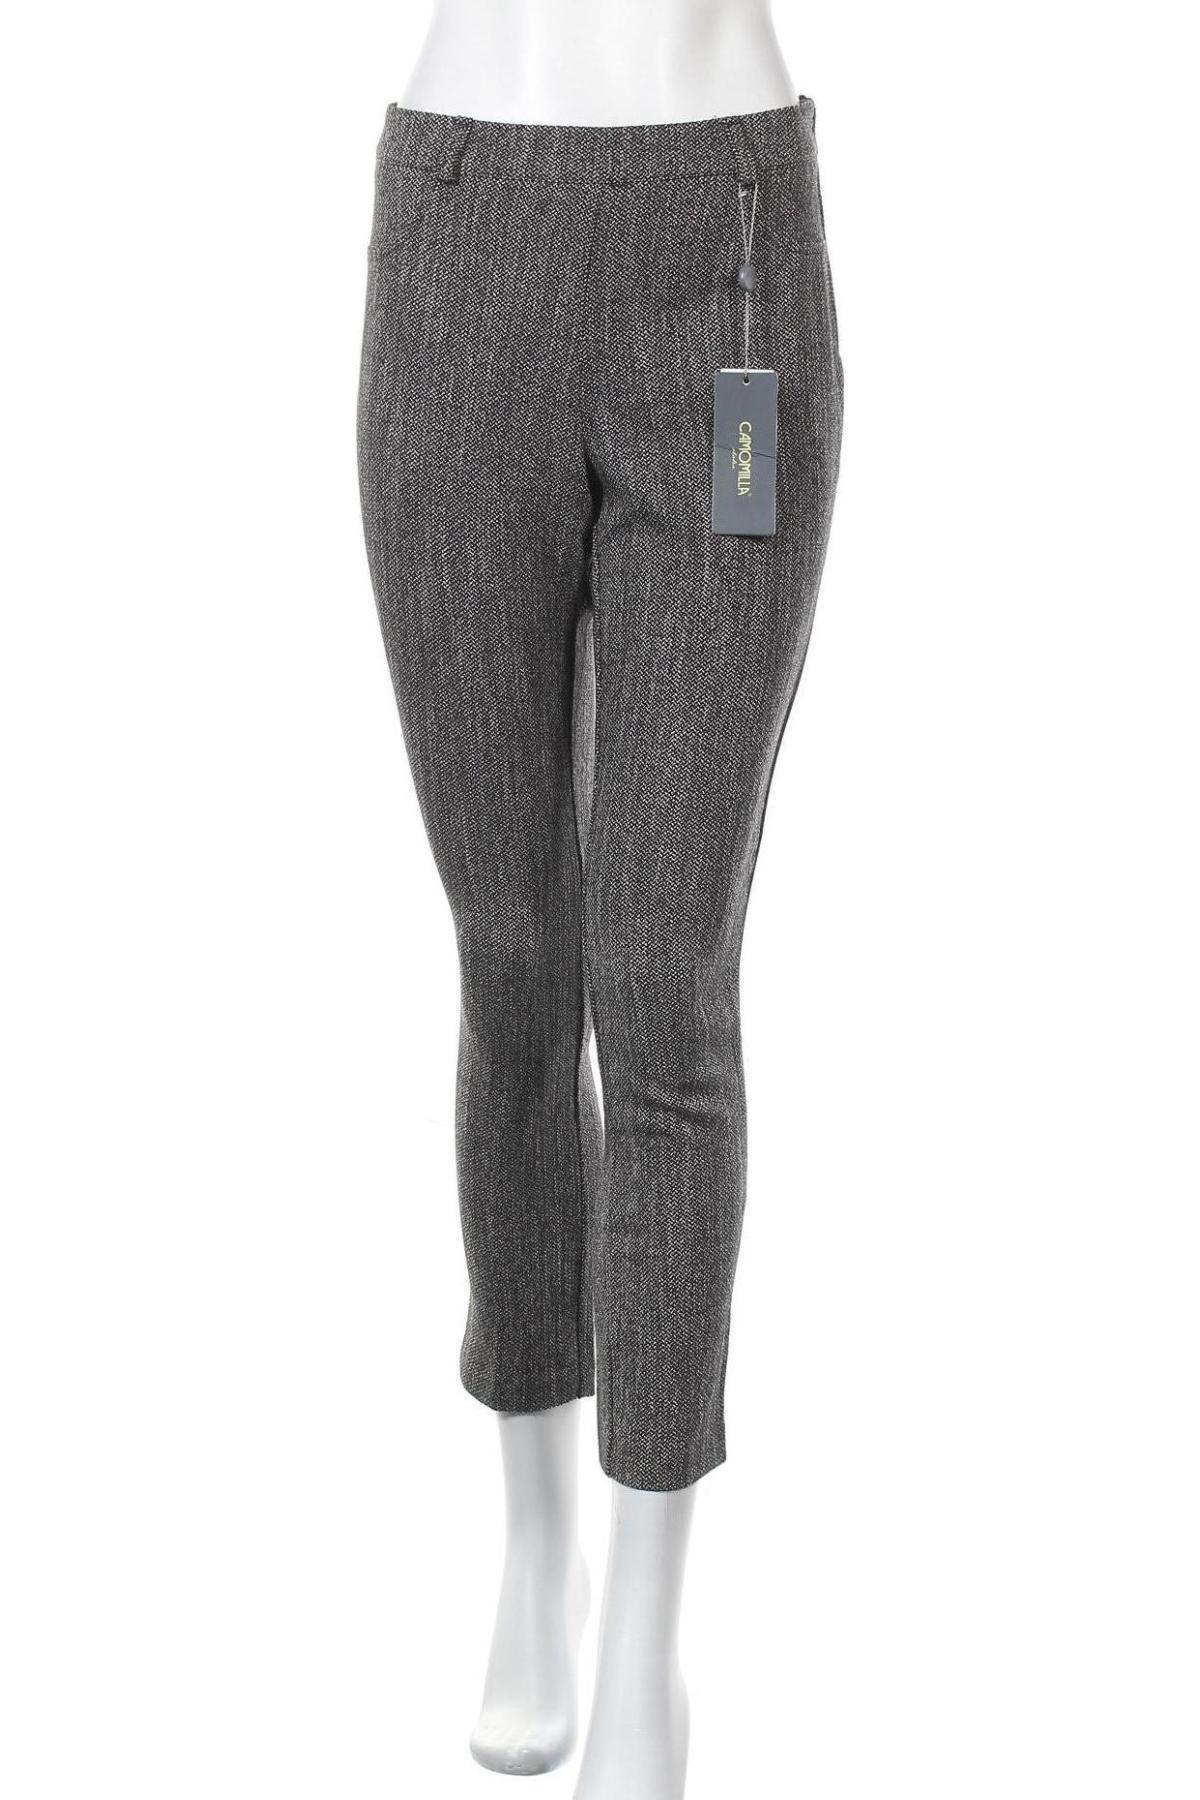 Дамски панталон Camomilla, Размер M, Цвят Сив, 52% полиестер, 47% вискоза, 1% еластан, Цена 17,80лв.